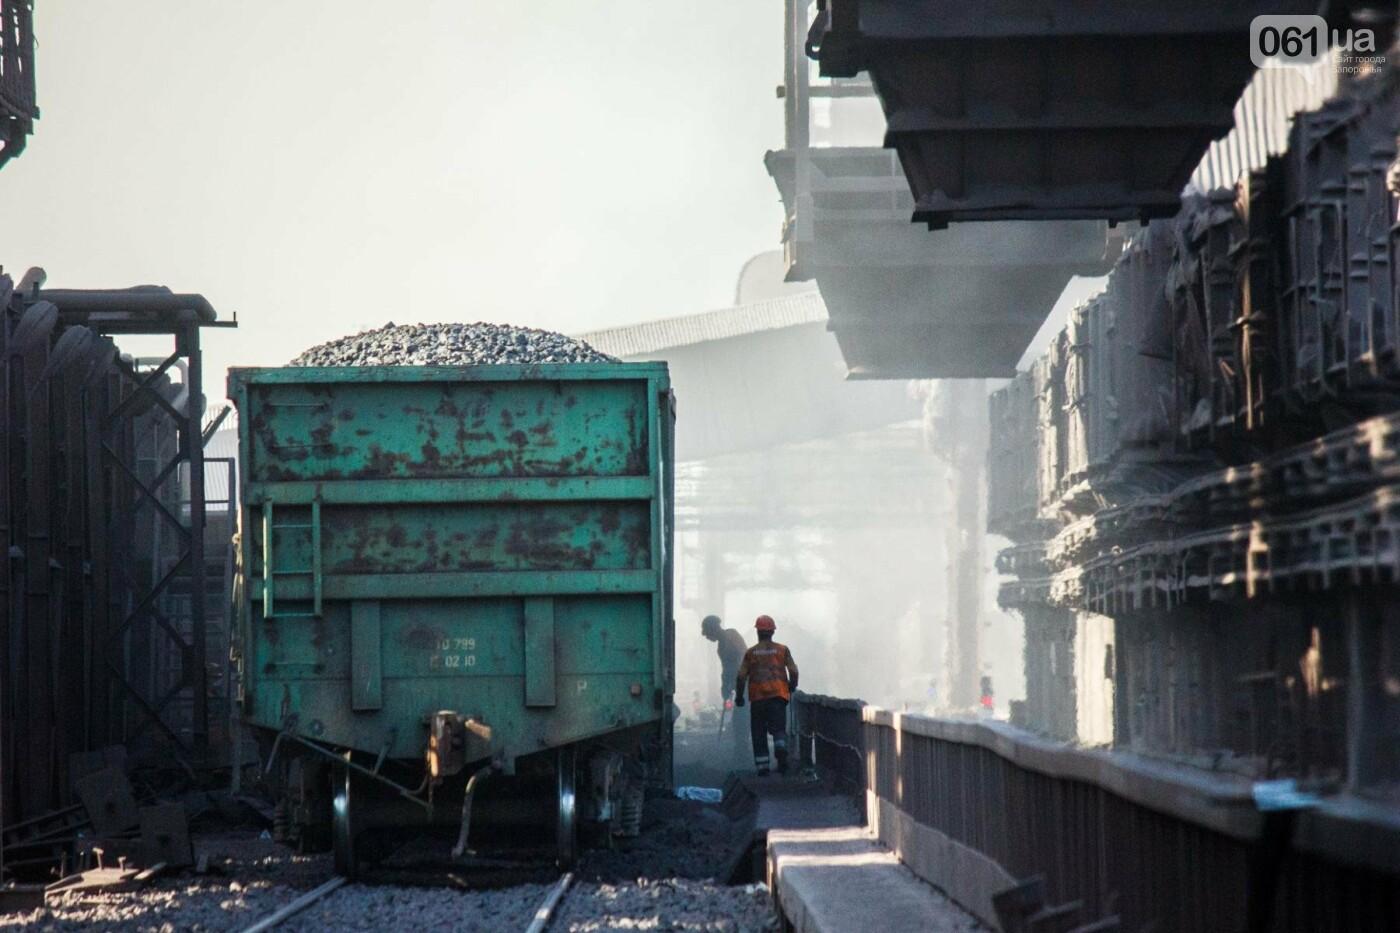 Как на «Запорожстали» железную руду превращают в сталь: экскурсия на производство, — ФОТОРЕПОРТАЖ, фото-3